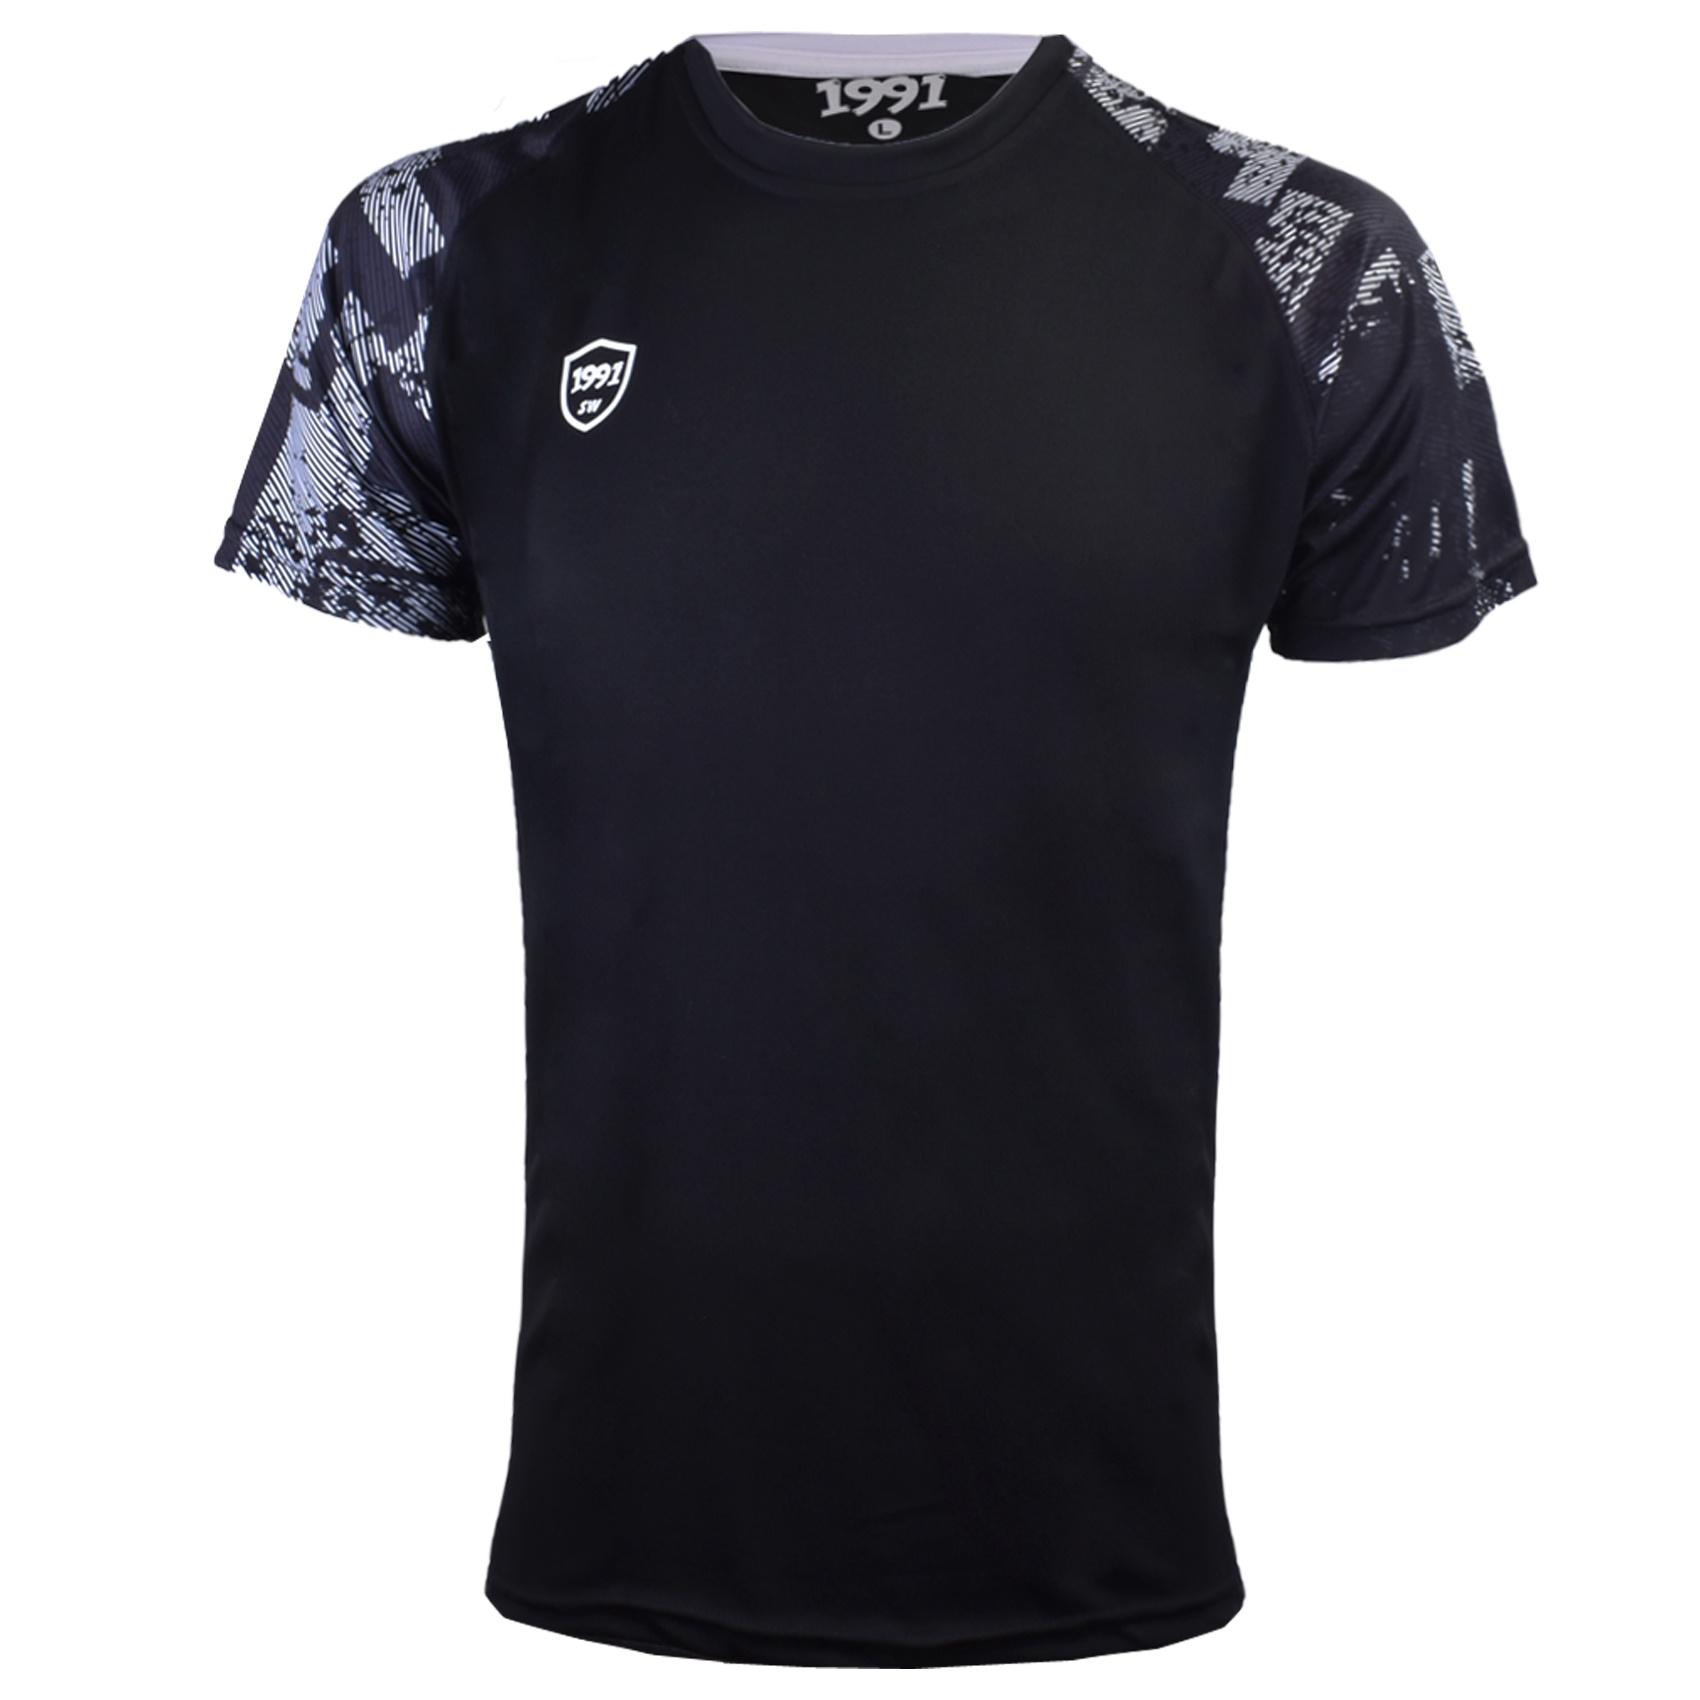 تی شرت ورزشی مردانه 1991 اس دبلیو مدل TS1931 BW